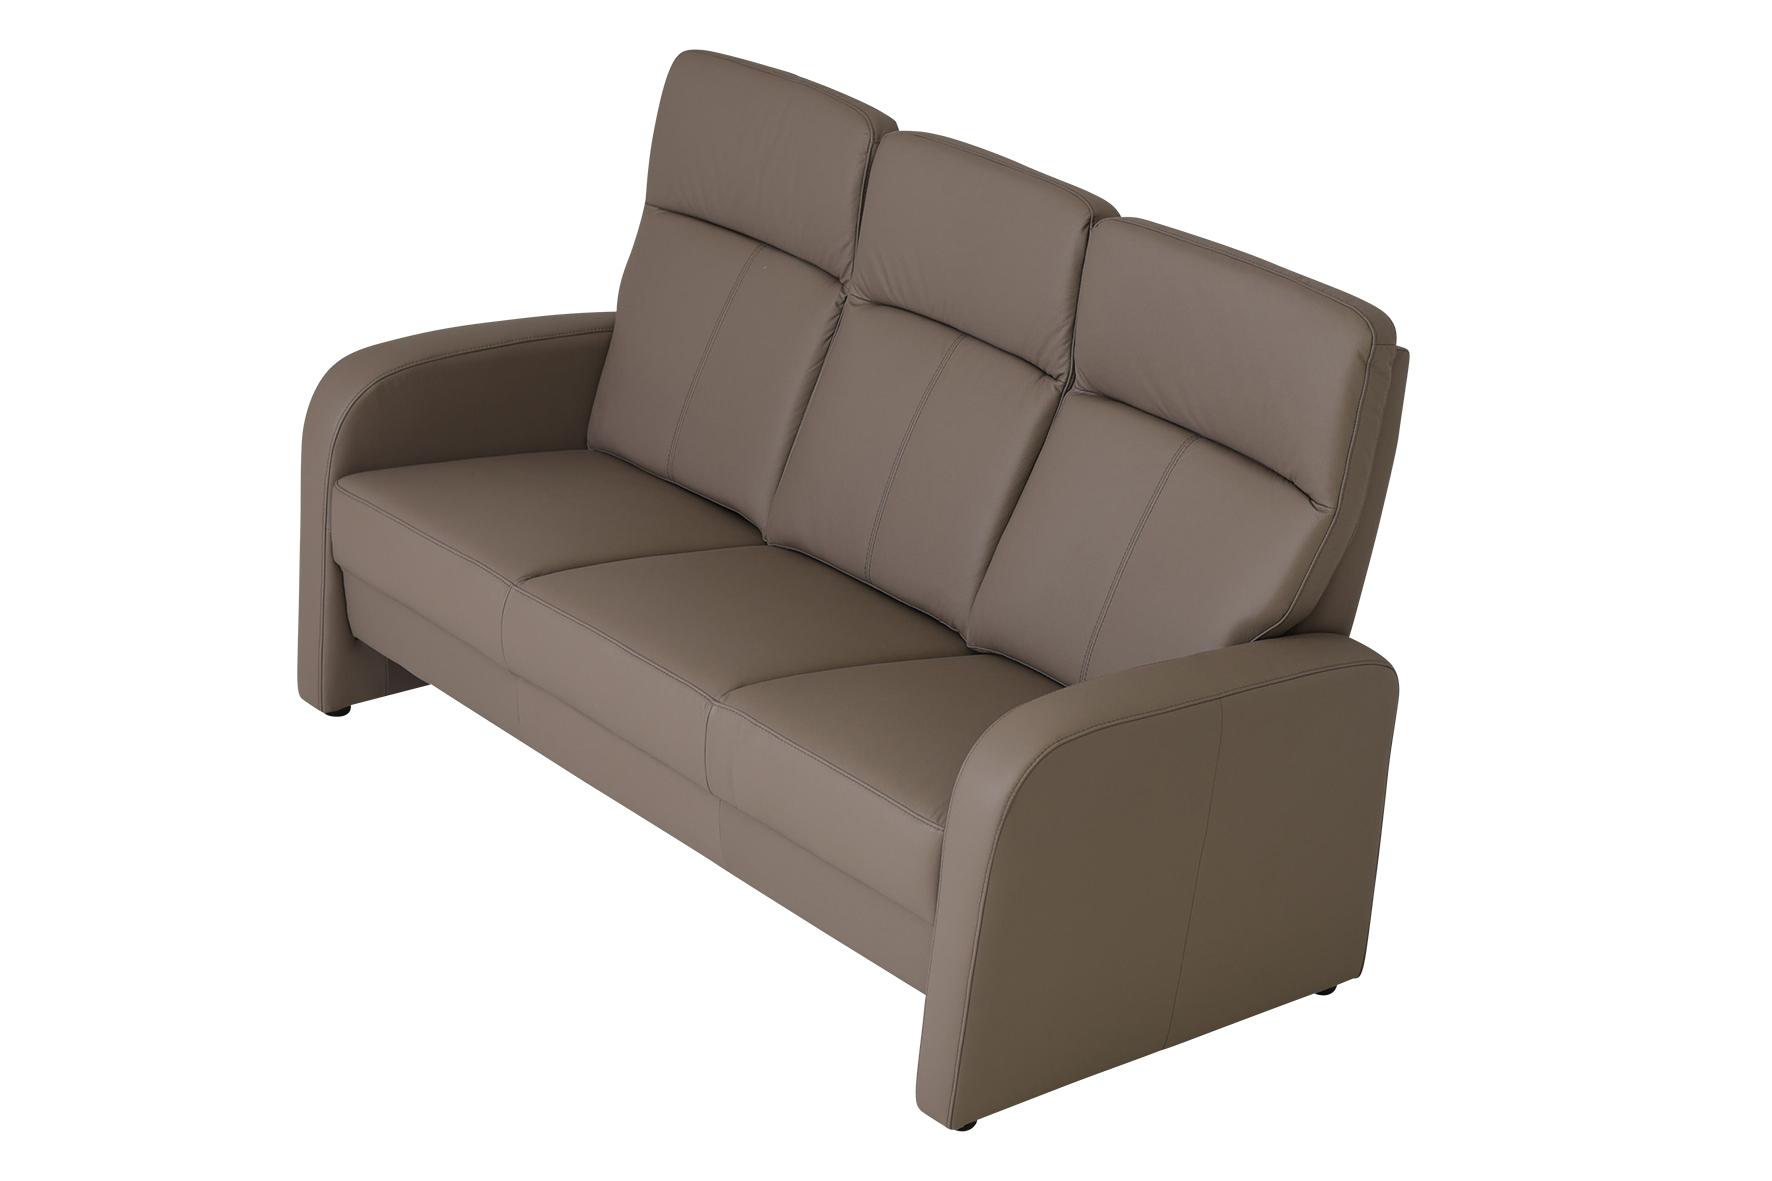 Sofa Leder Taupe Hoher Rücken in vielen Farben erhältlich